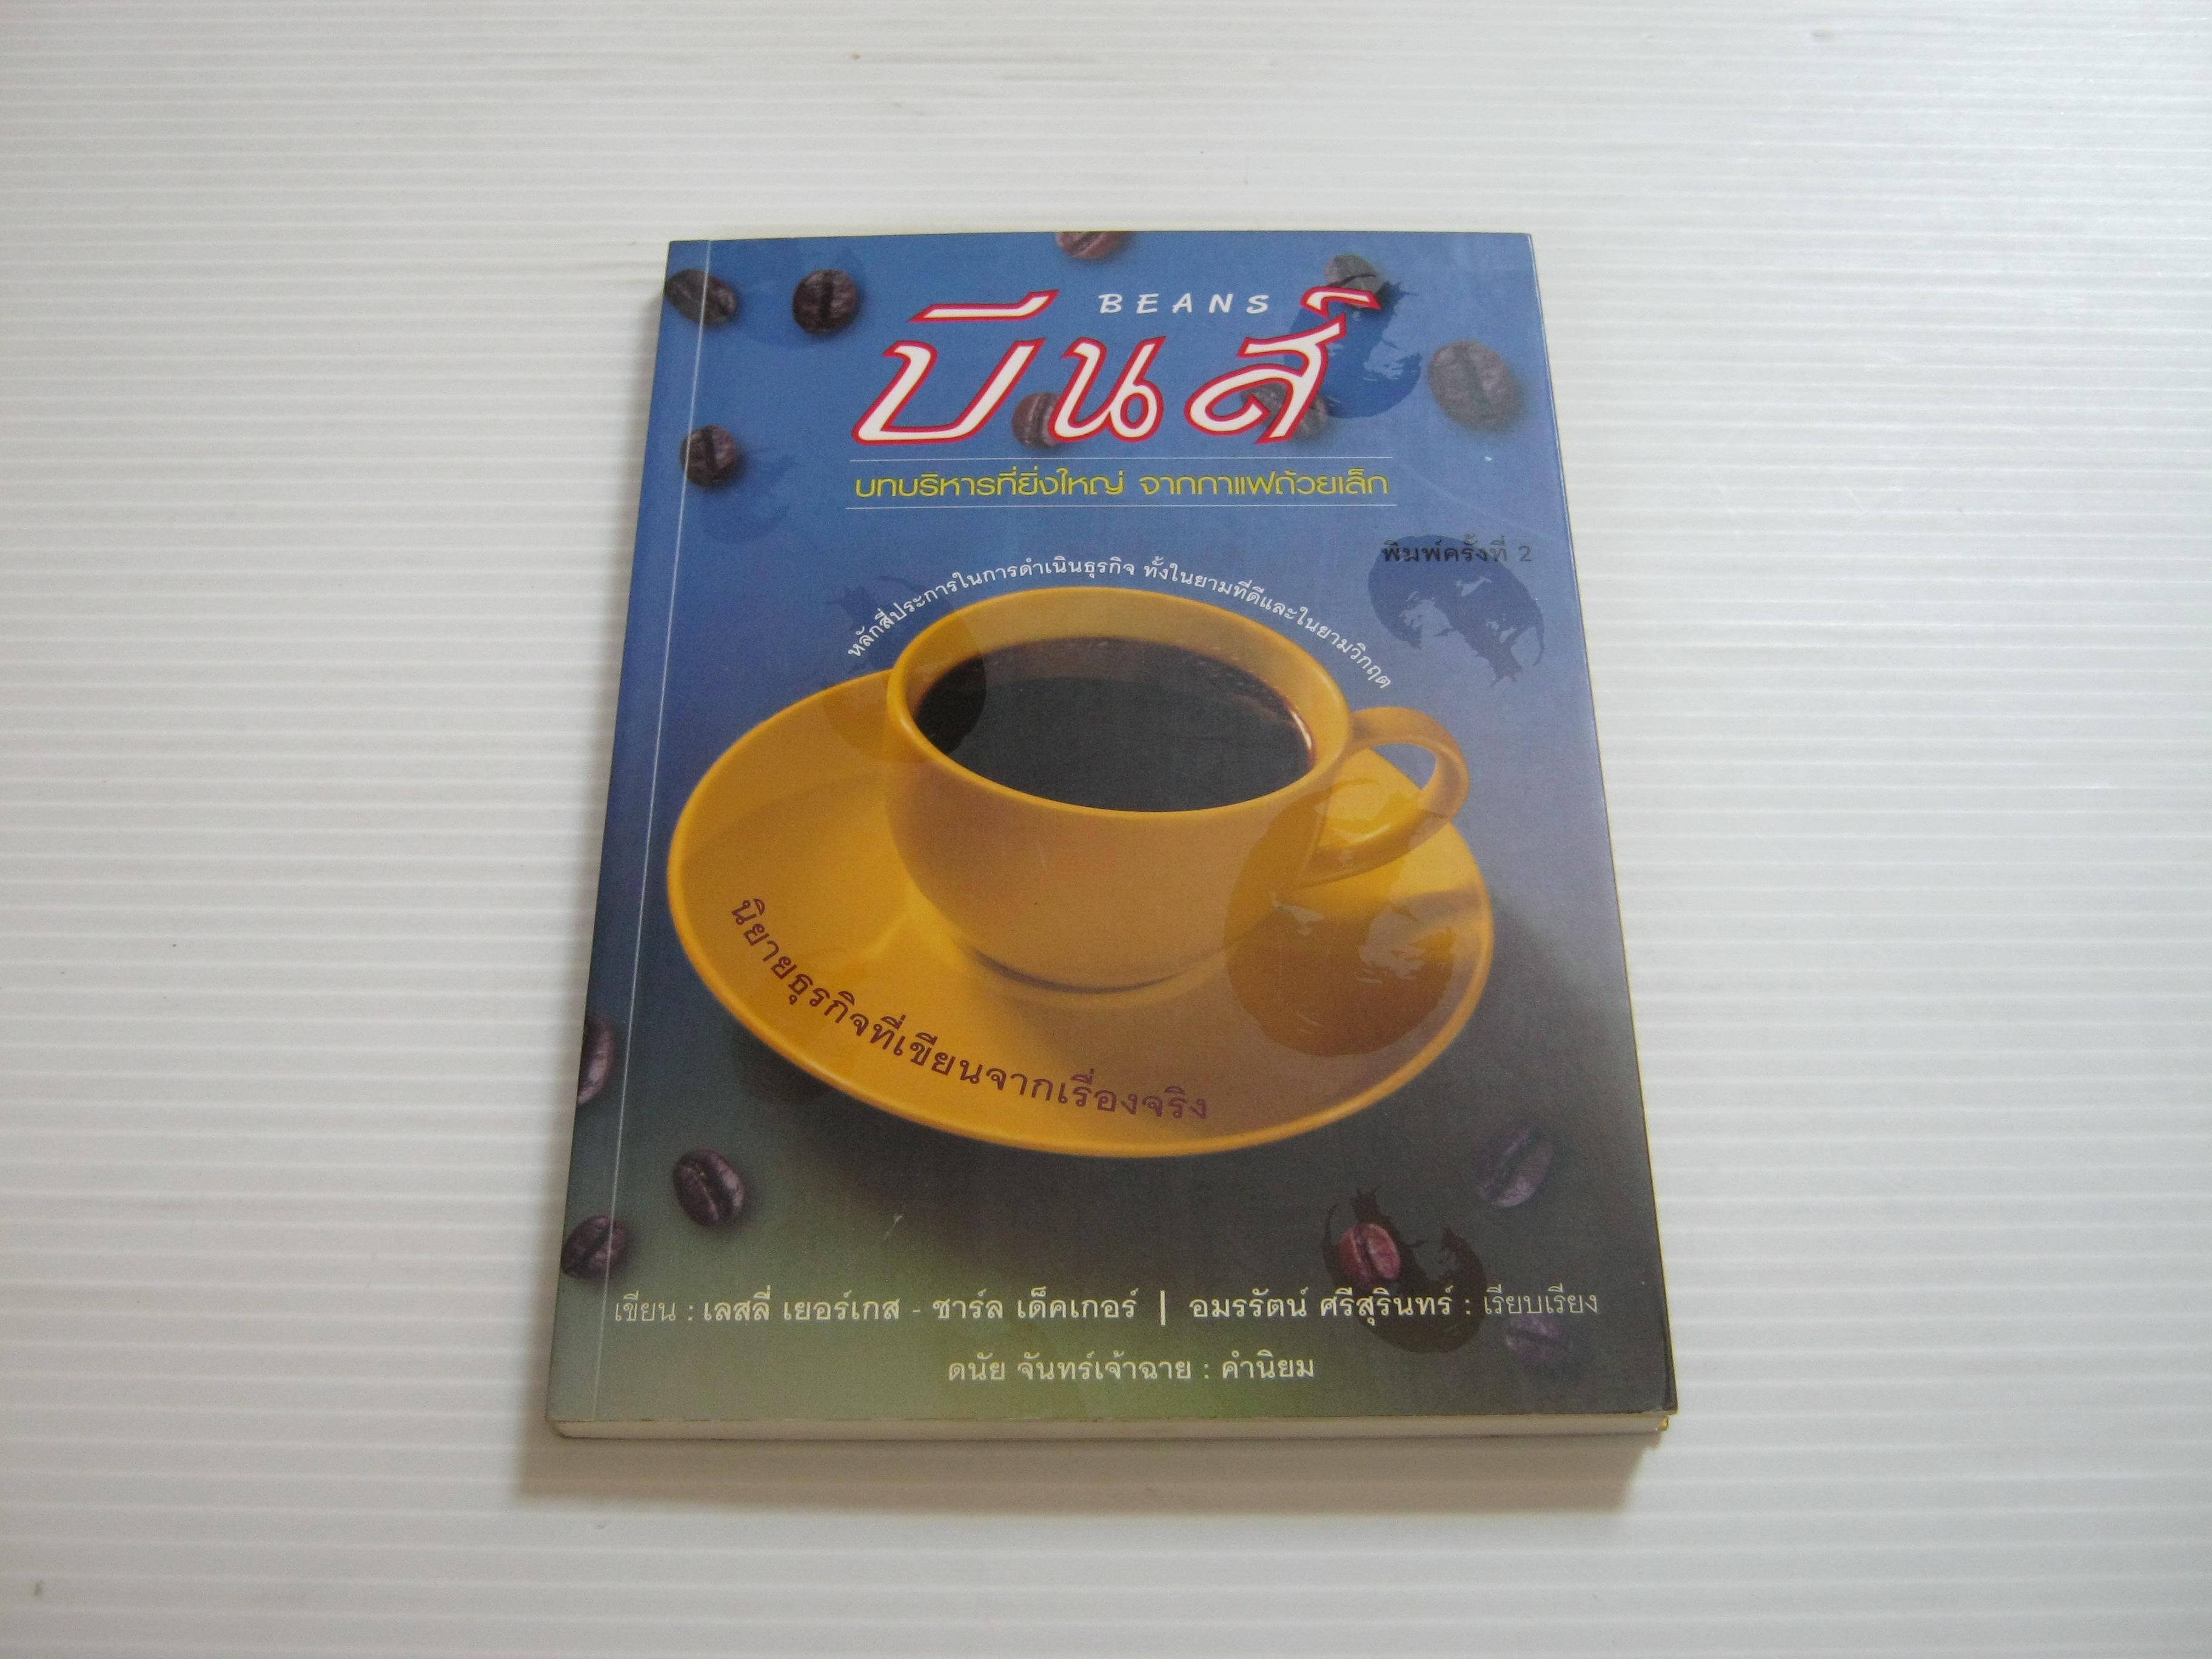 บีนส์ บทบริหารที่ยิ่งใหญ่ จากกาแฟถ้วยเล็ก (Beans) พิมพ์ครั้งที่ 2 เลสลี่ เยอร์เกส-ชาร์ล เด็คเกอร์ เขียน อมรรัตน์ ศรีสุรินทร์ แปล